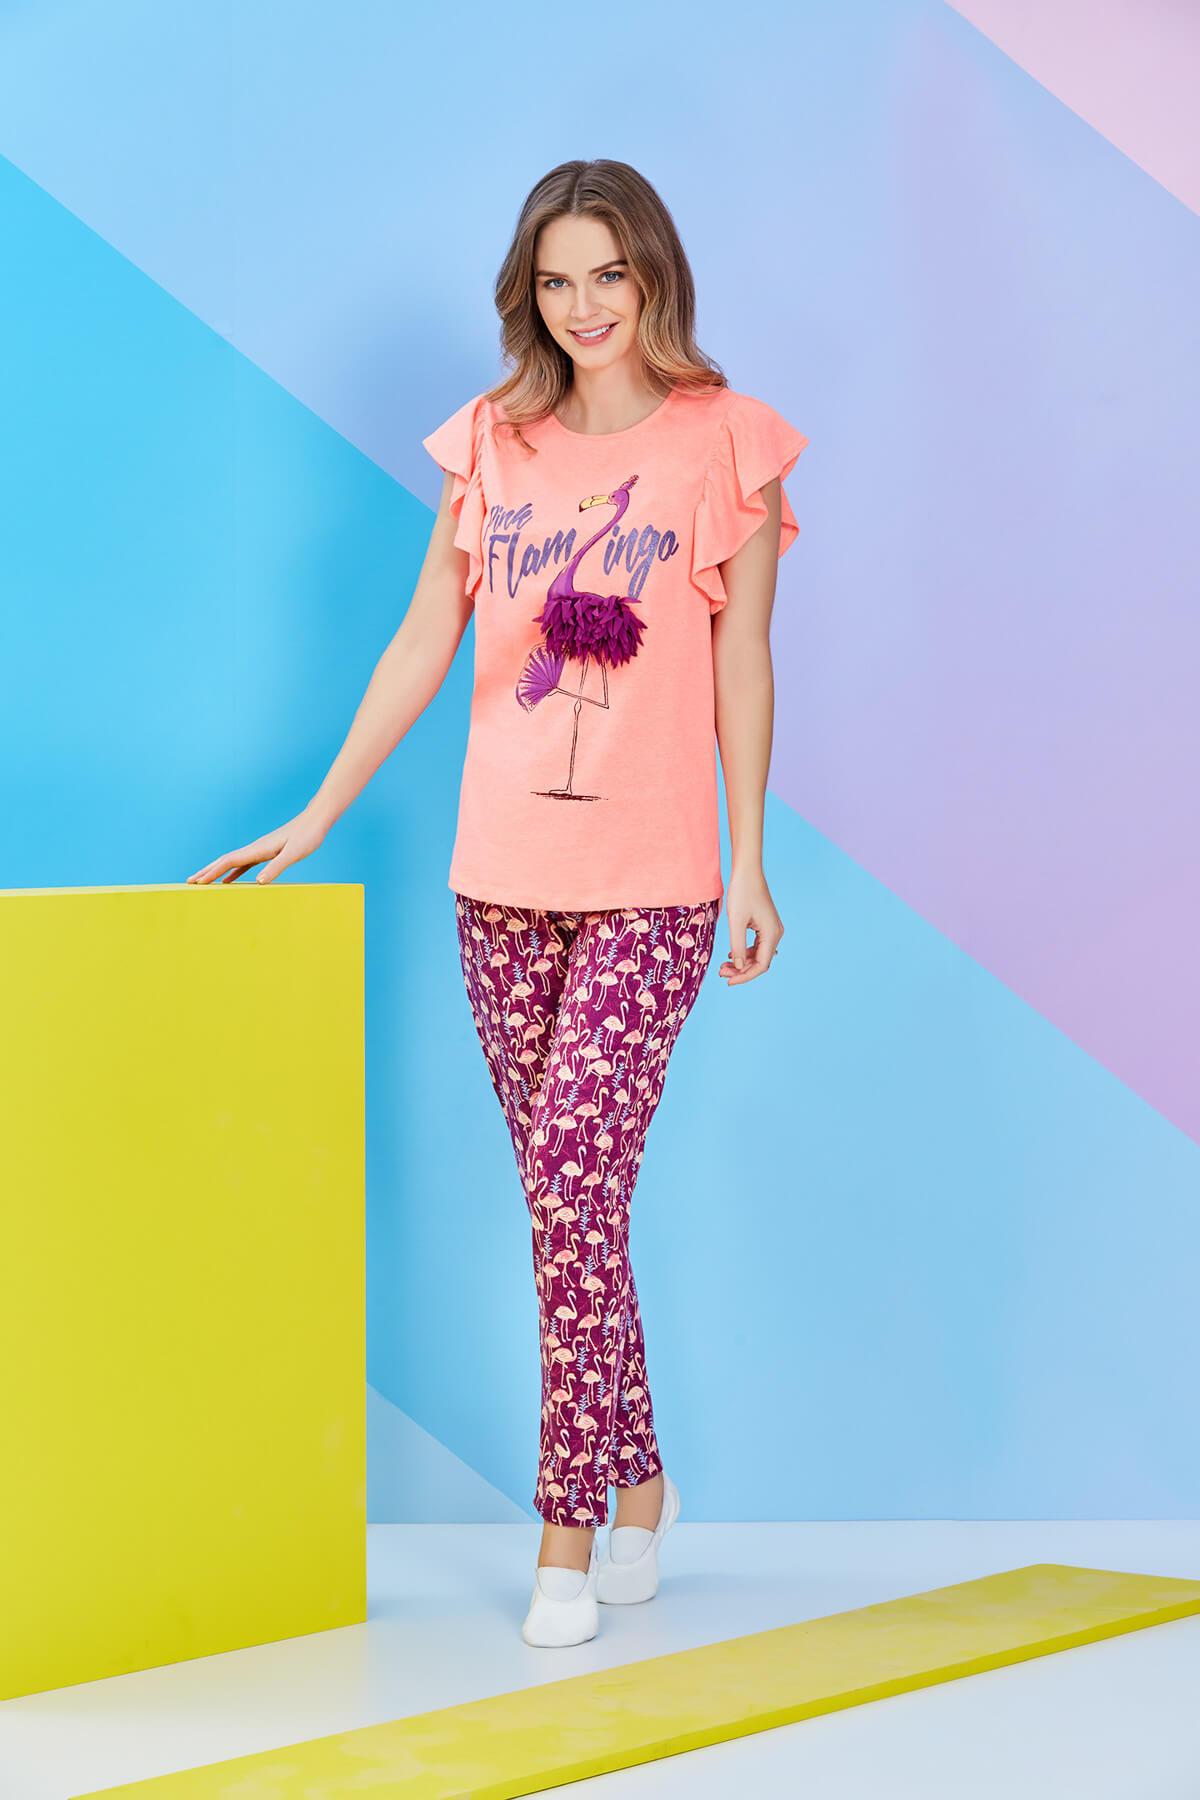 ROLY POLY Oranj Kısa Kollu Bayan Pijama Takımı - 8099 1